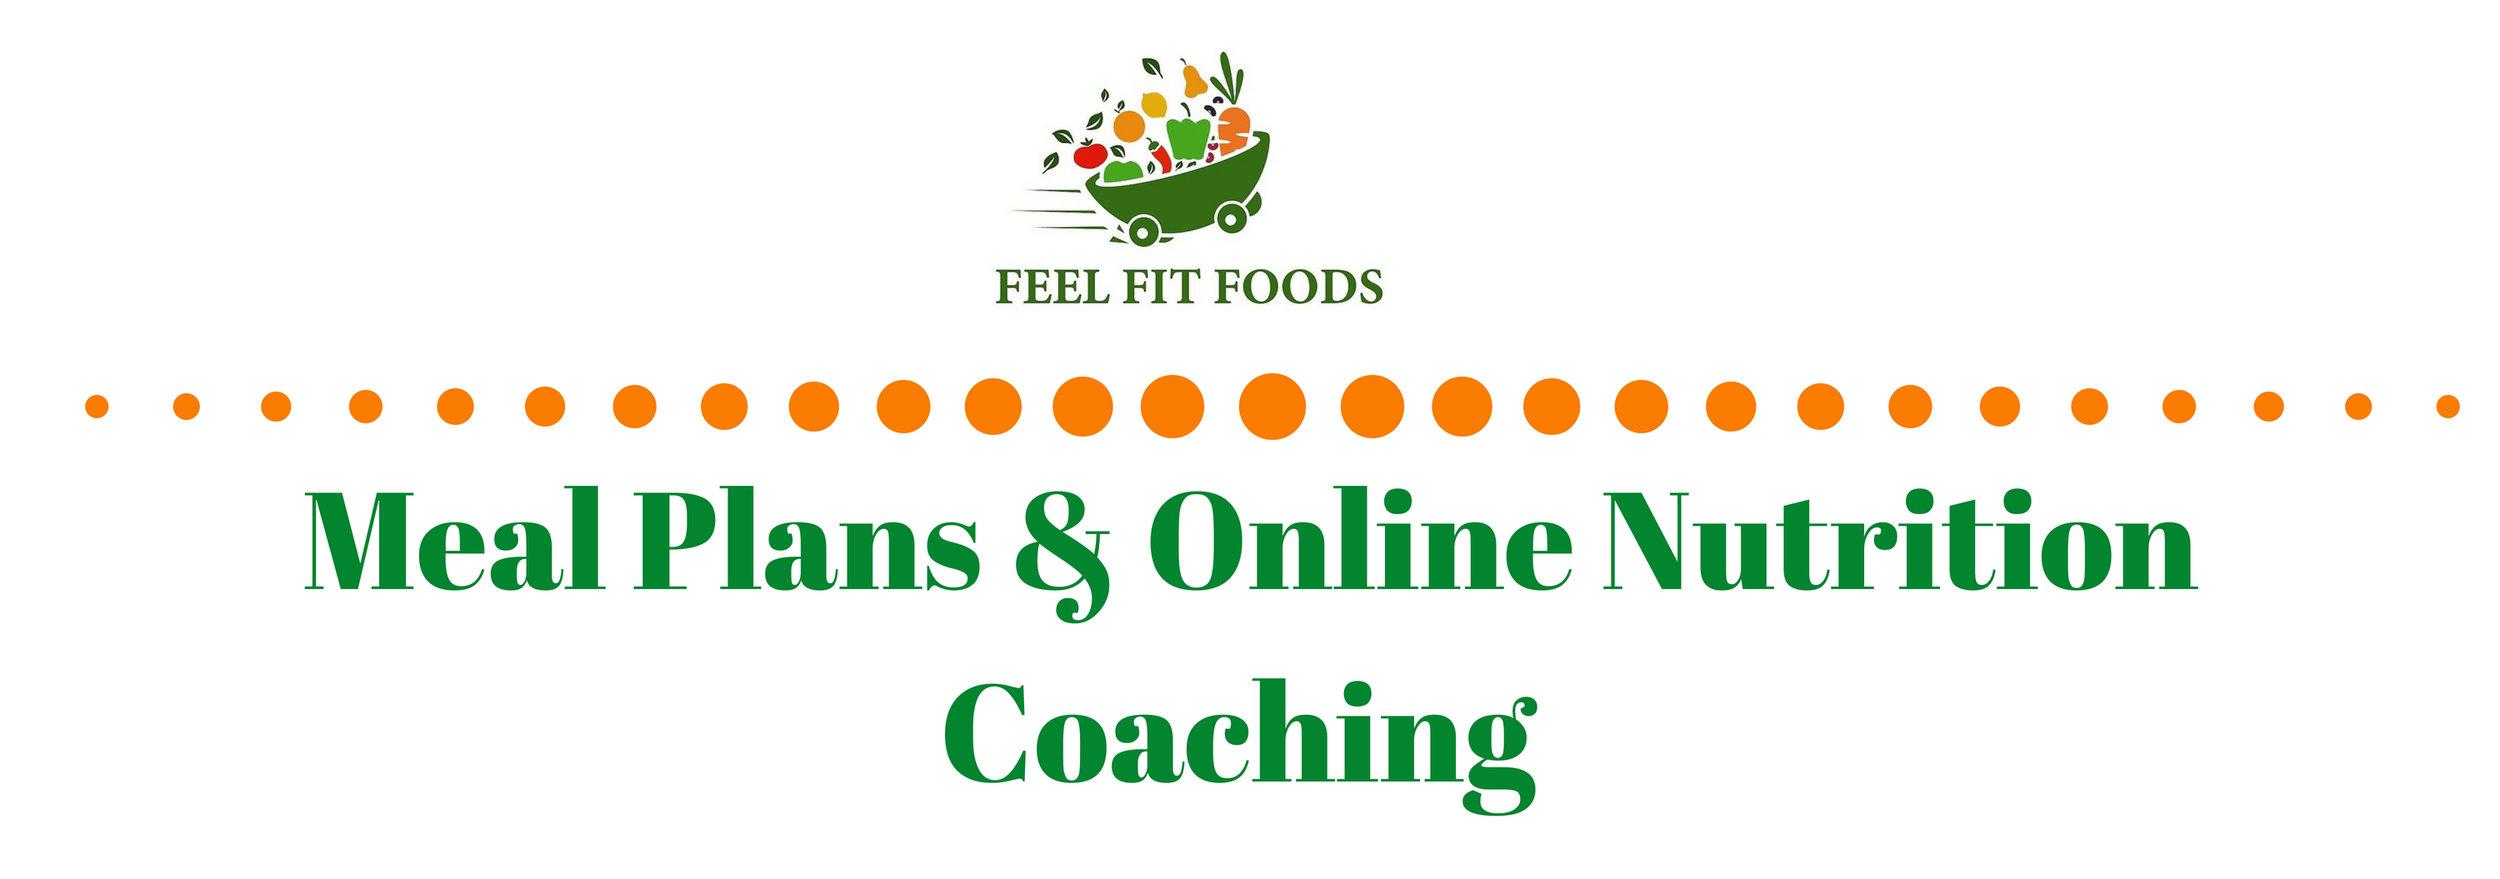 Meal Plan Programs \u2014 Feel Fit Foods